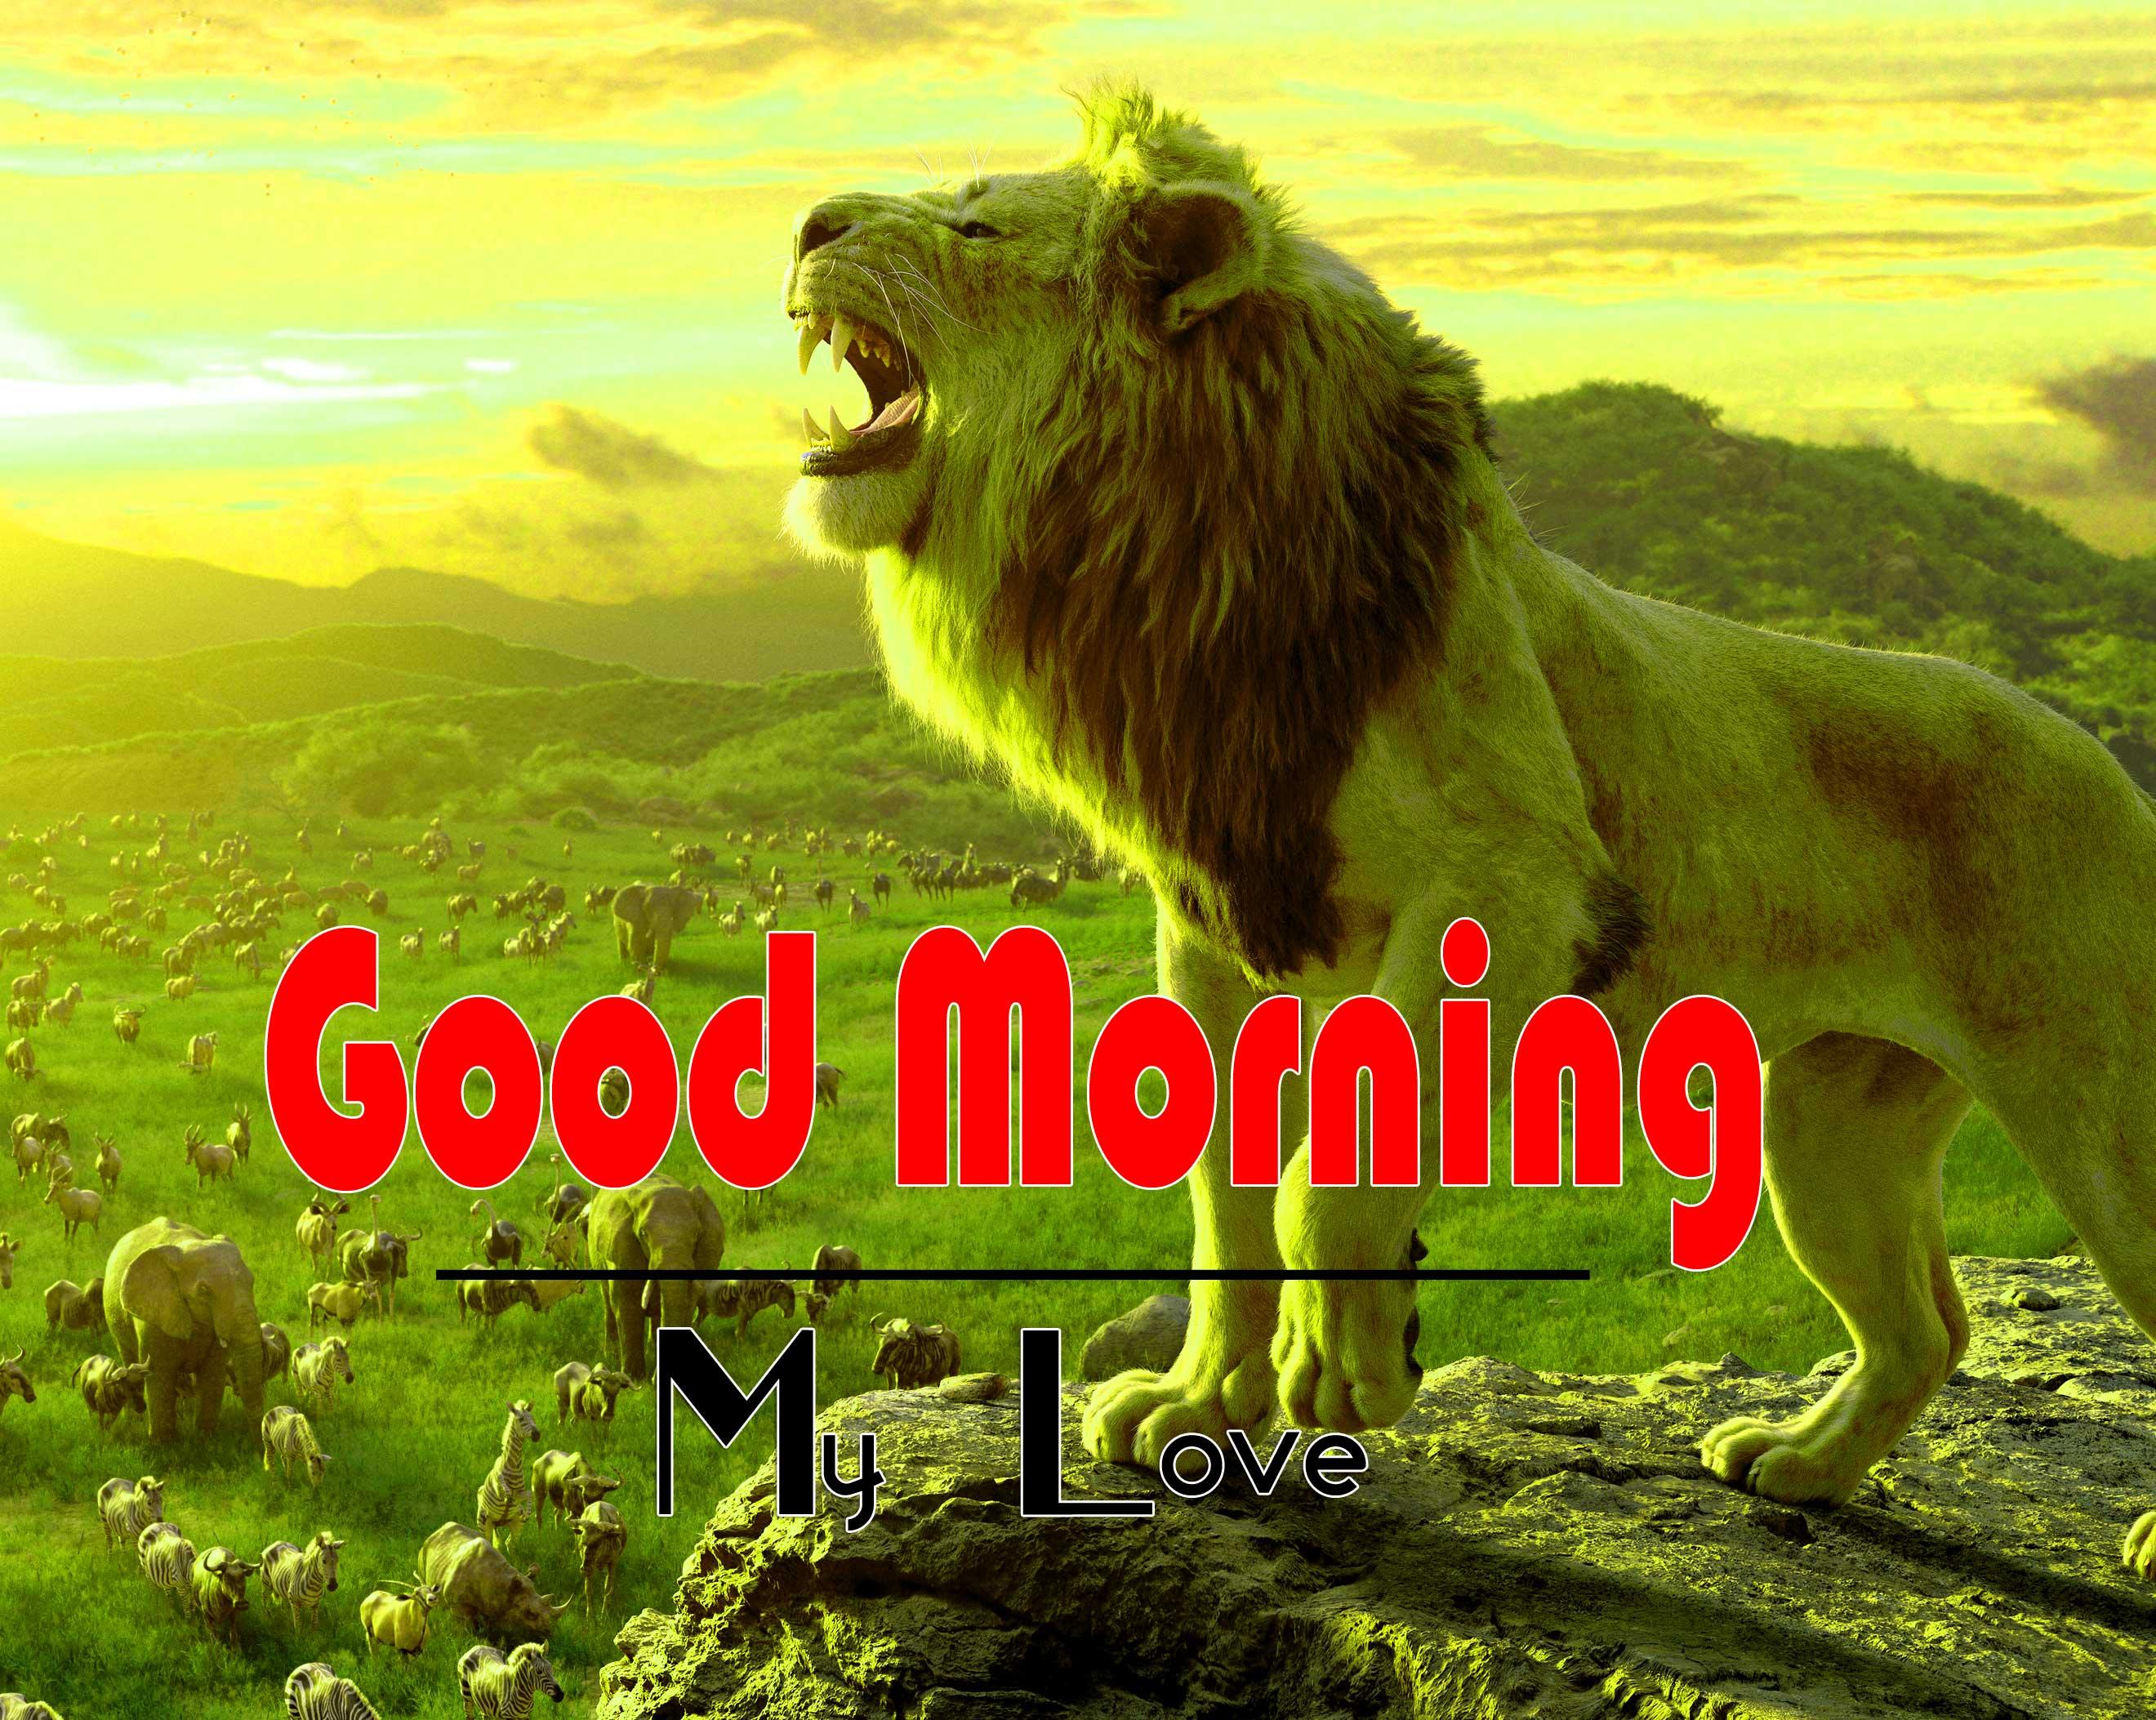 Animal Good Morning Image 3